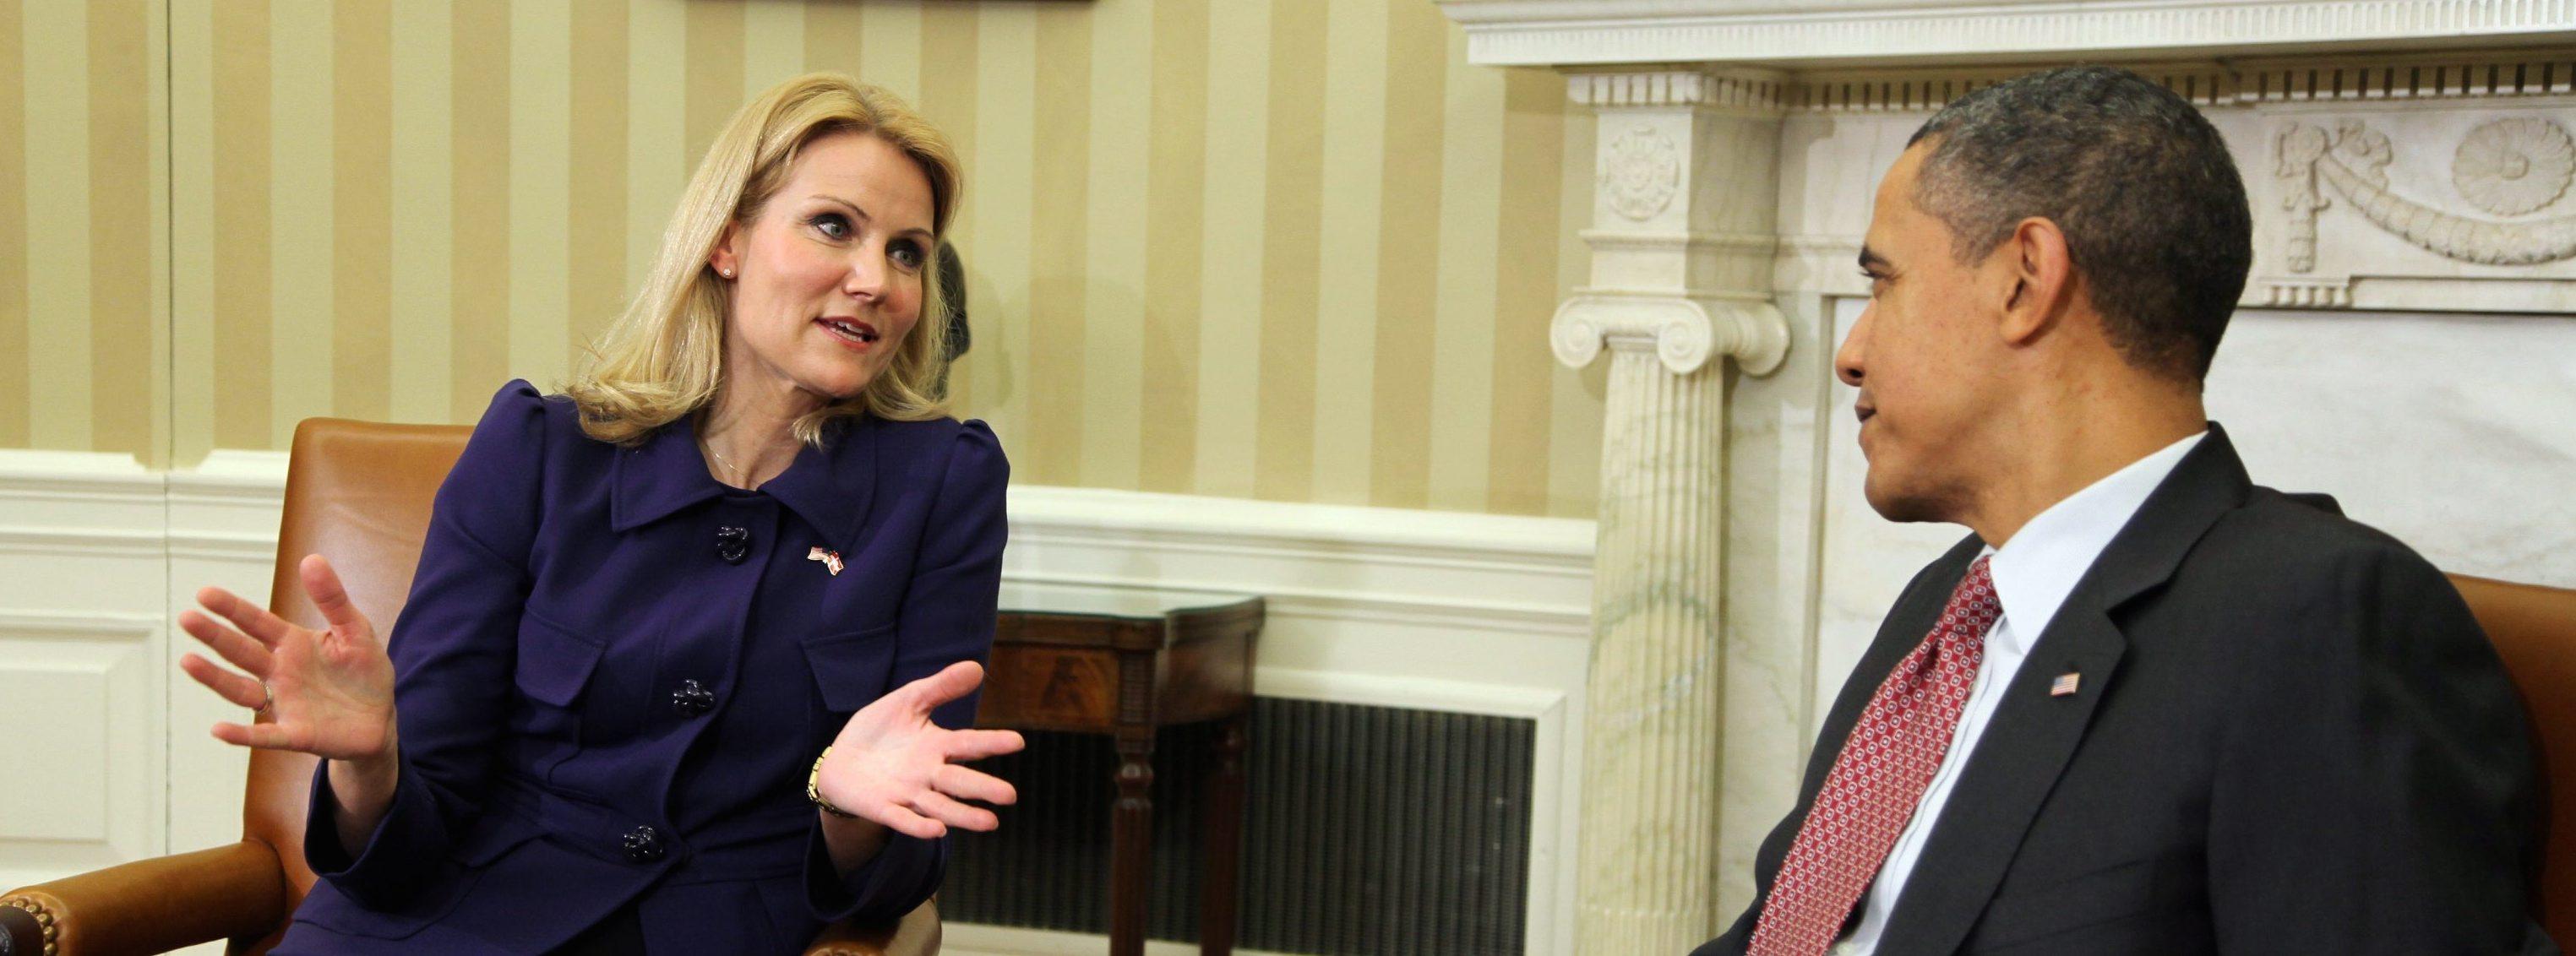 Helle Thorning-Schmidt con Barack Obama l'anno scorso